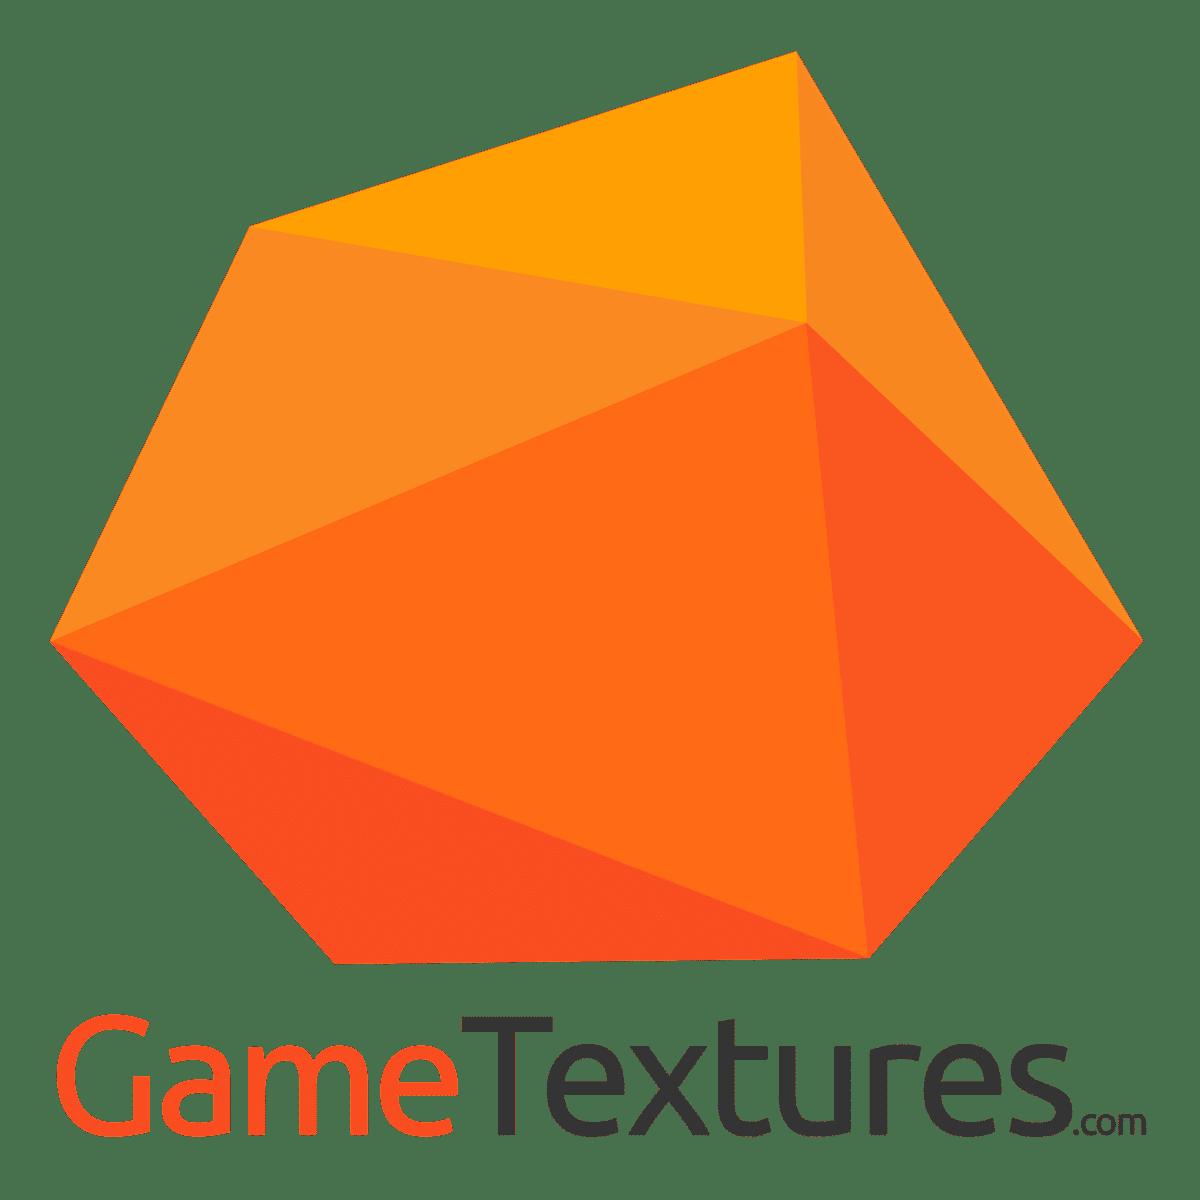 GameTextures.com